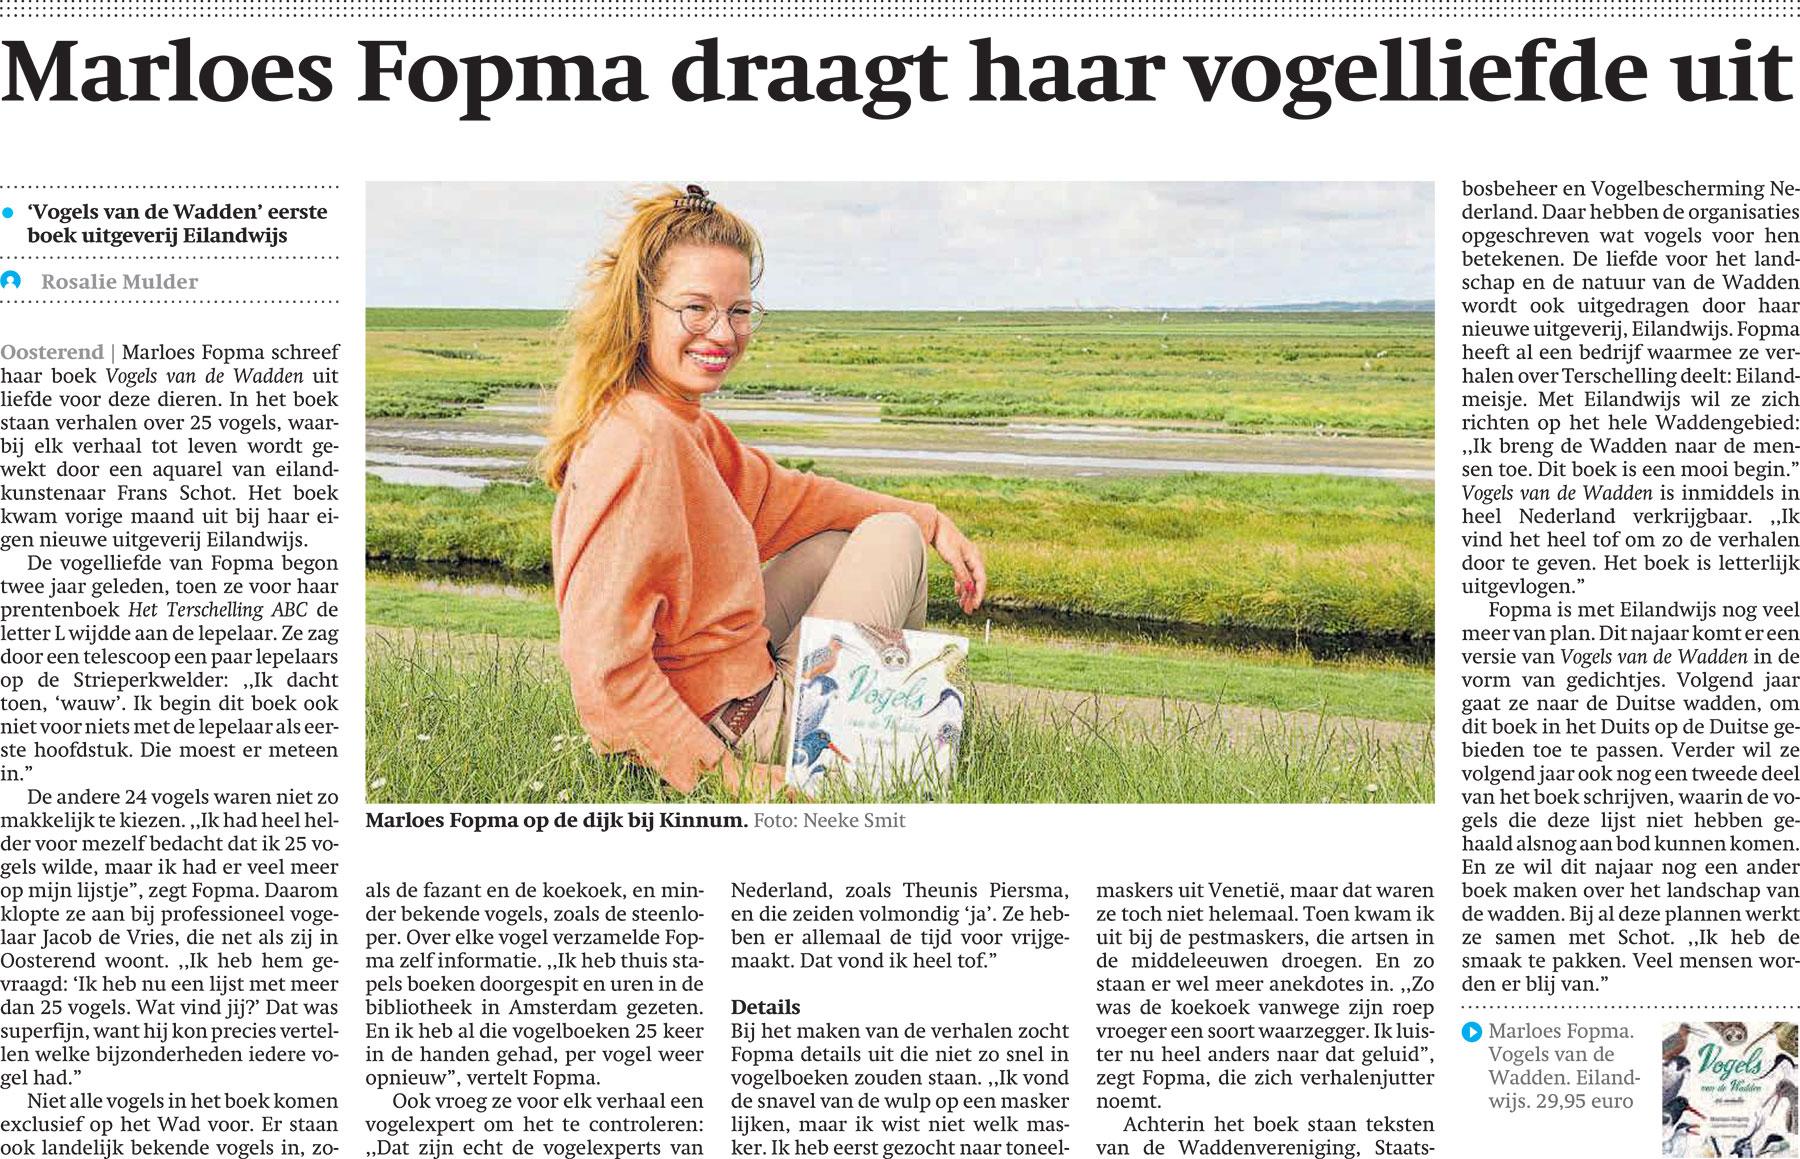 Marloes Fopma draagt haar vogelliefde uit